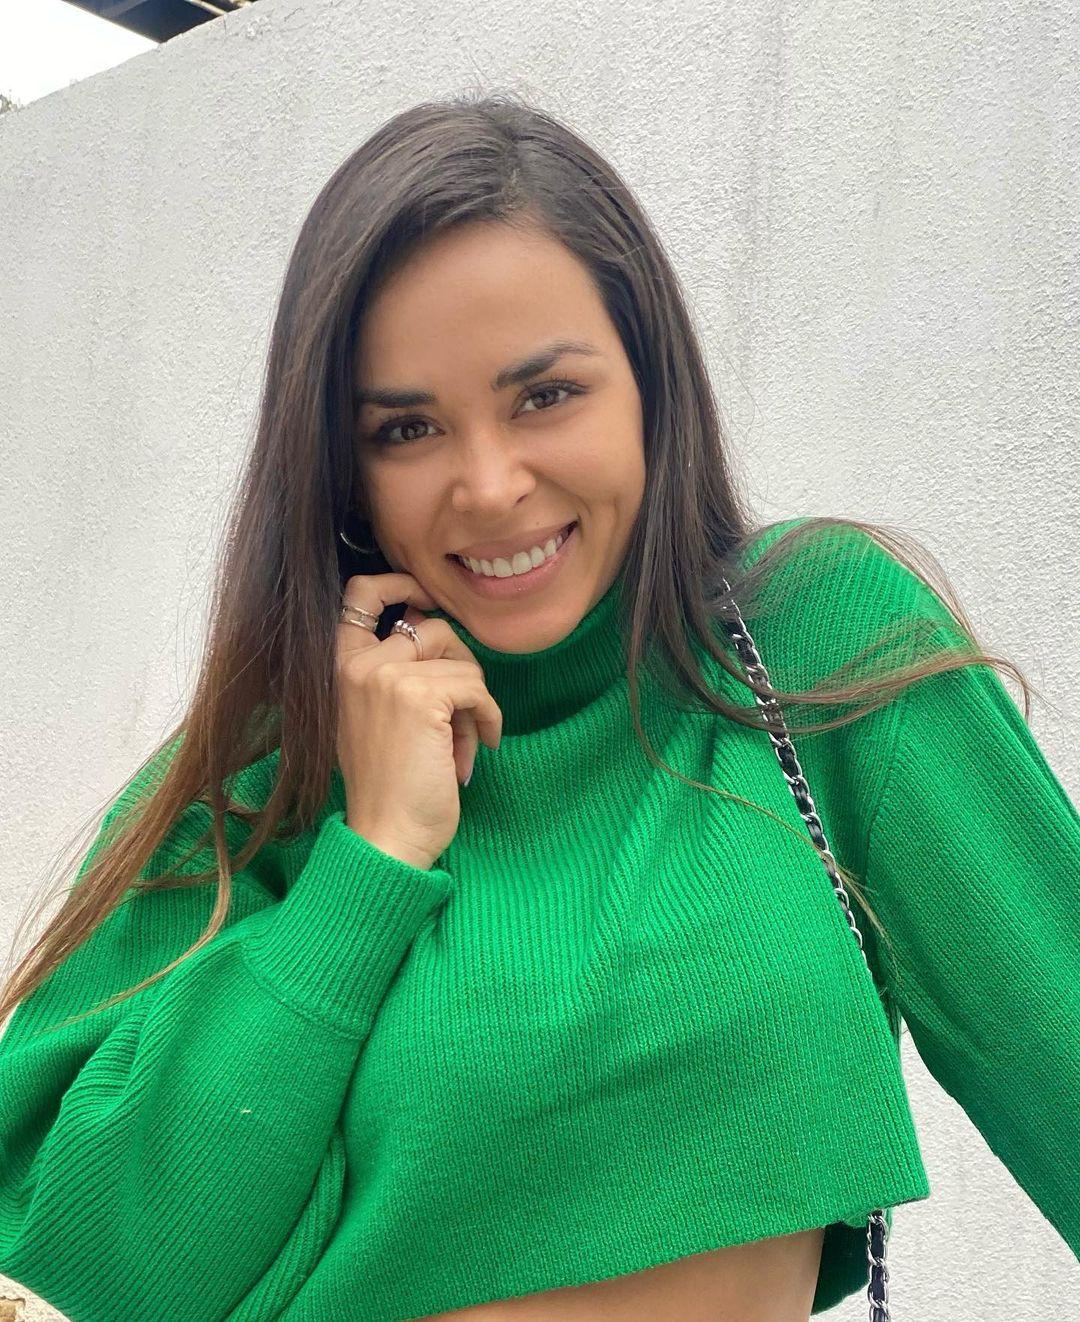 La inversión de Jhendelyn Núñez: Es dueña de 5 deptos y 2 terrenos